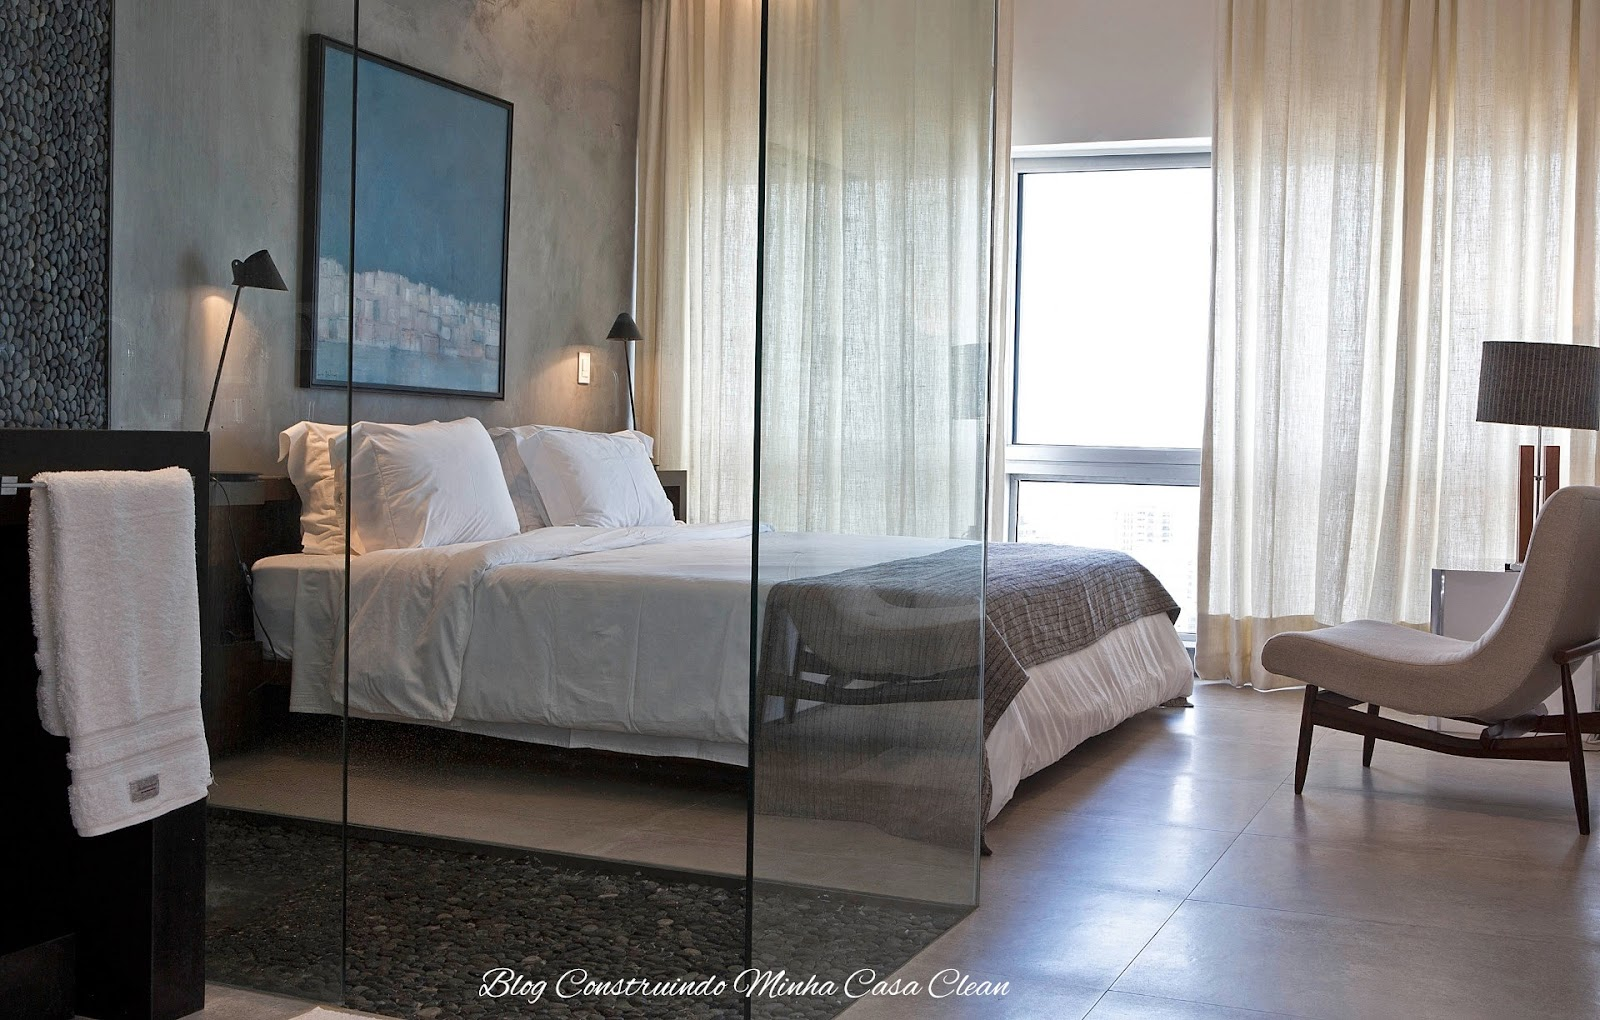 Minha Casa Clean: Quartos Integrados com Banheiros de Vidros #485F83 1600x1020 Banheiro Com Banheira Integrada